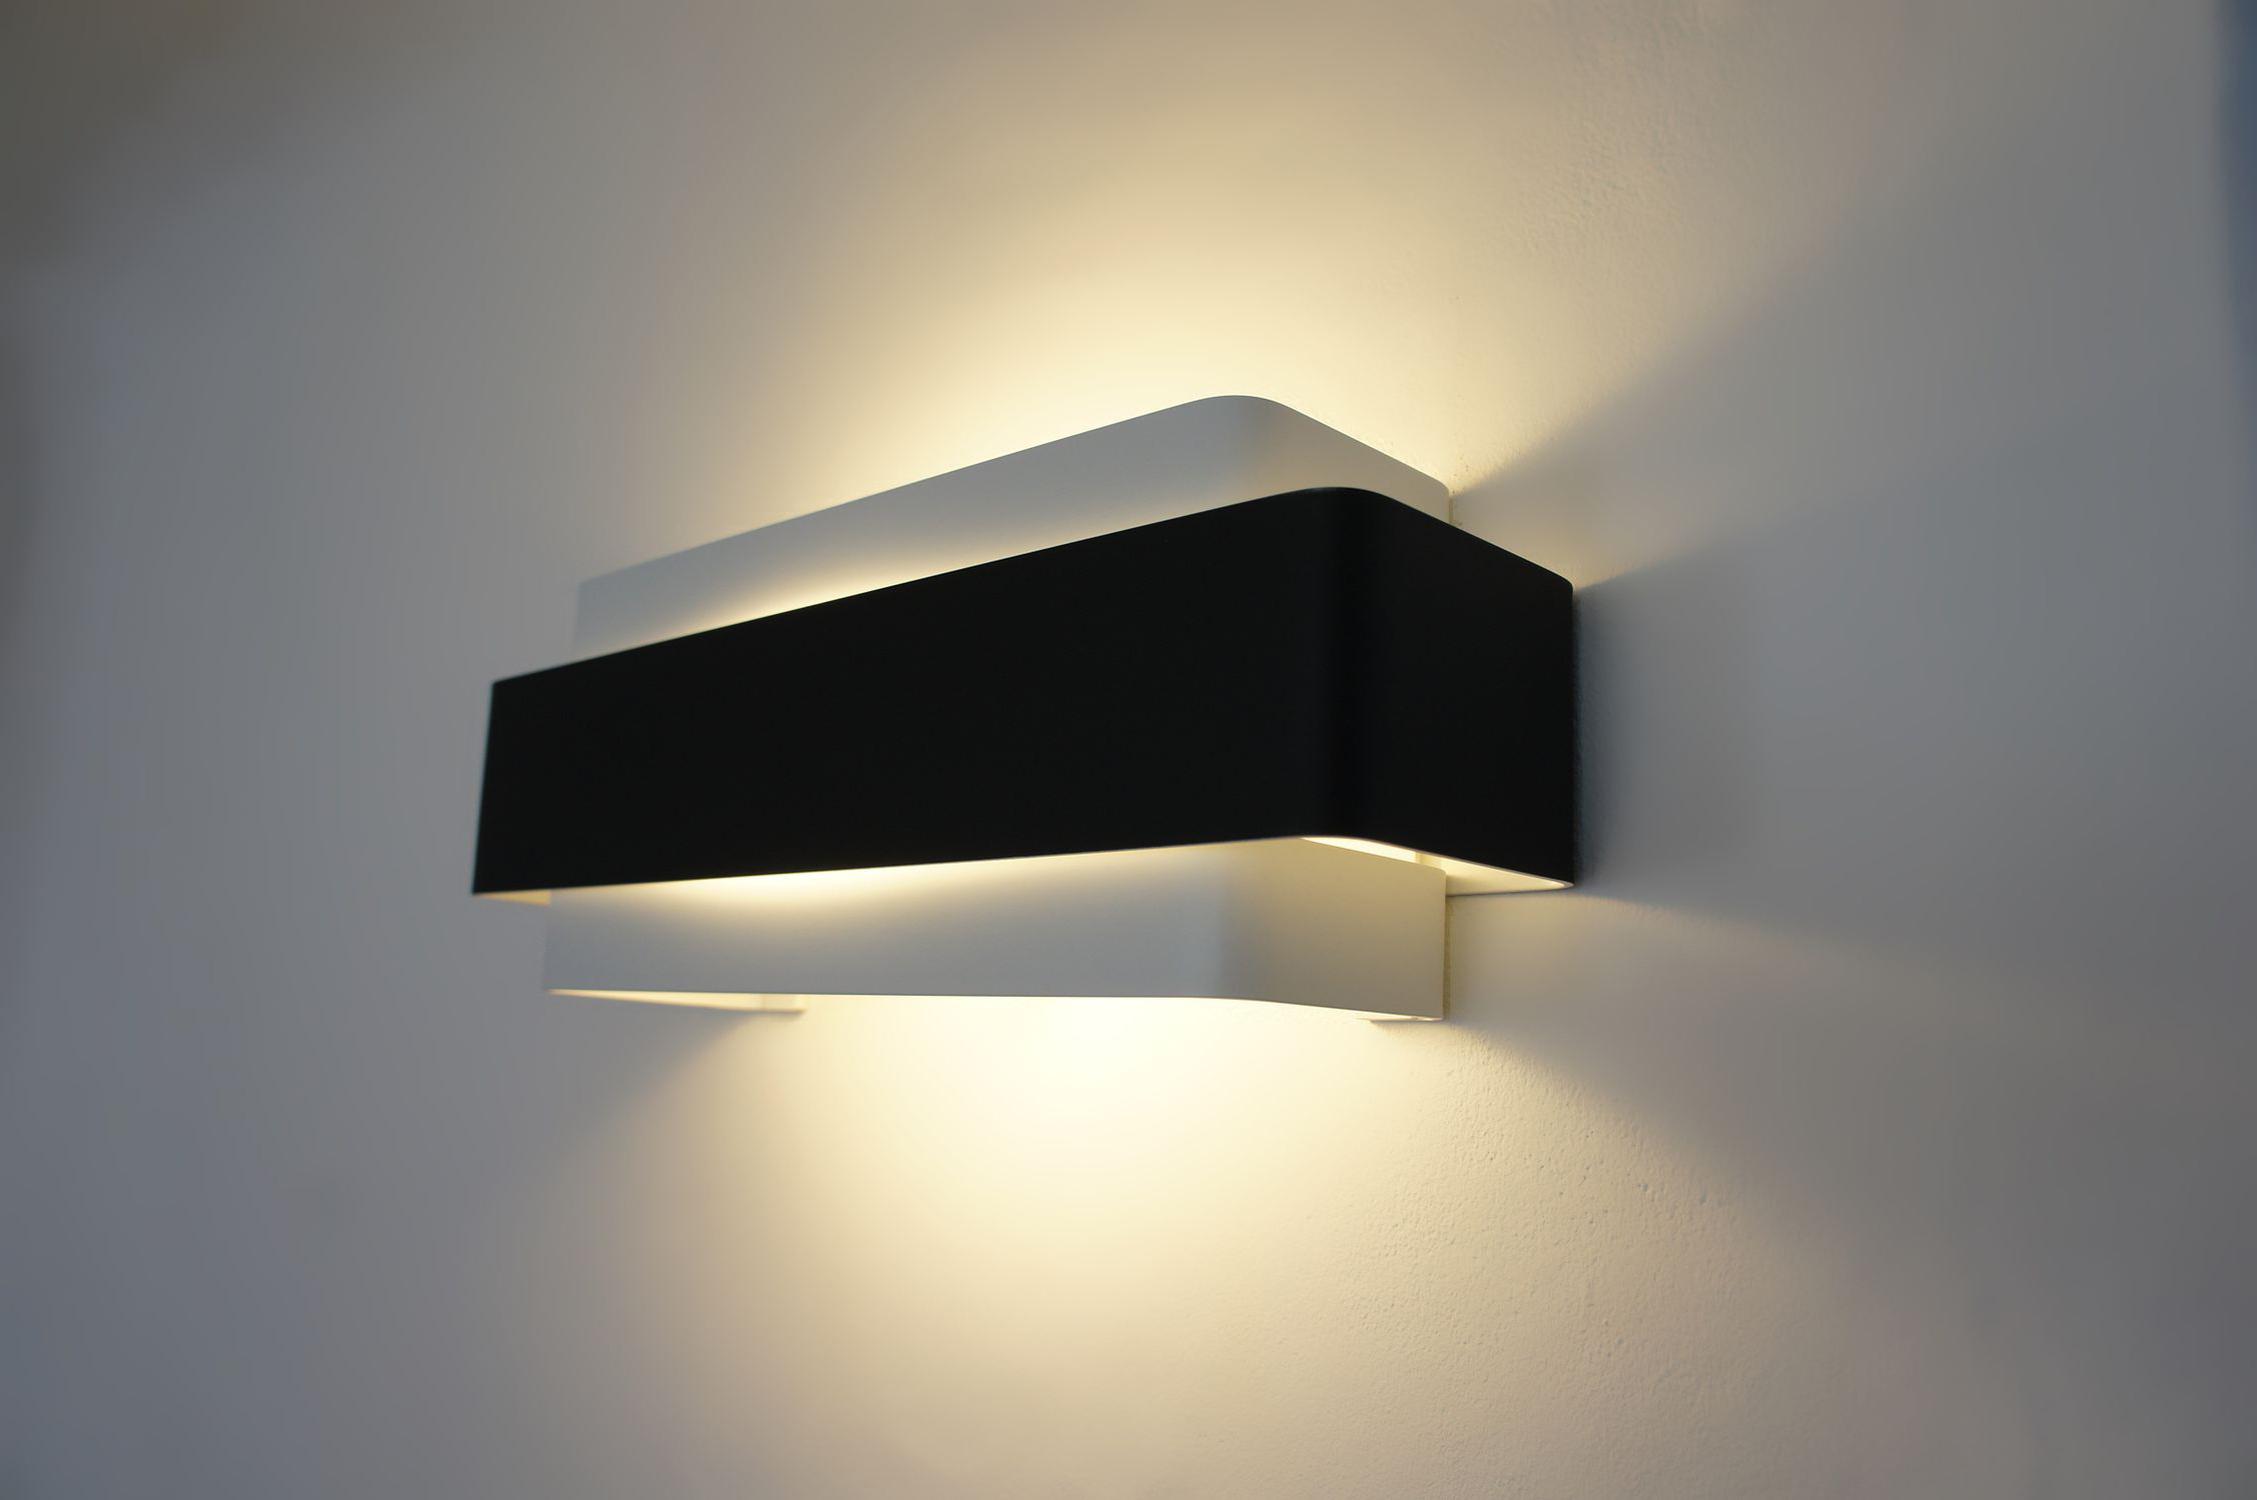 Lampe design soldes